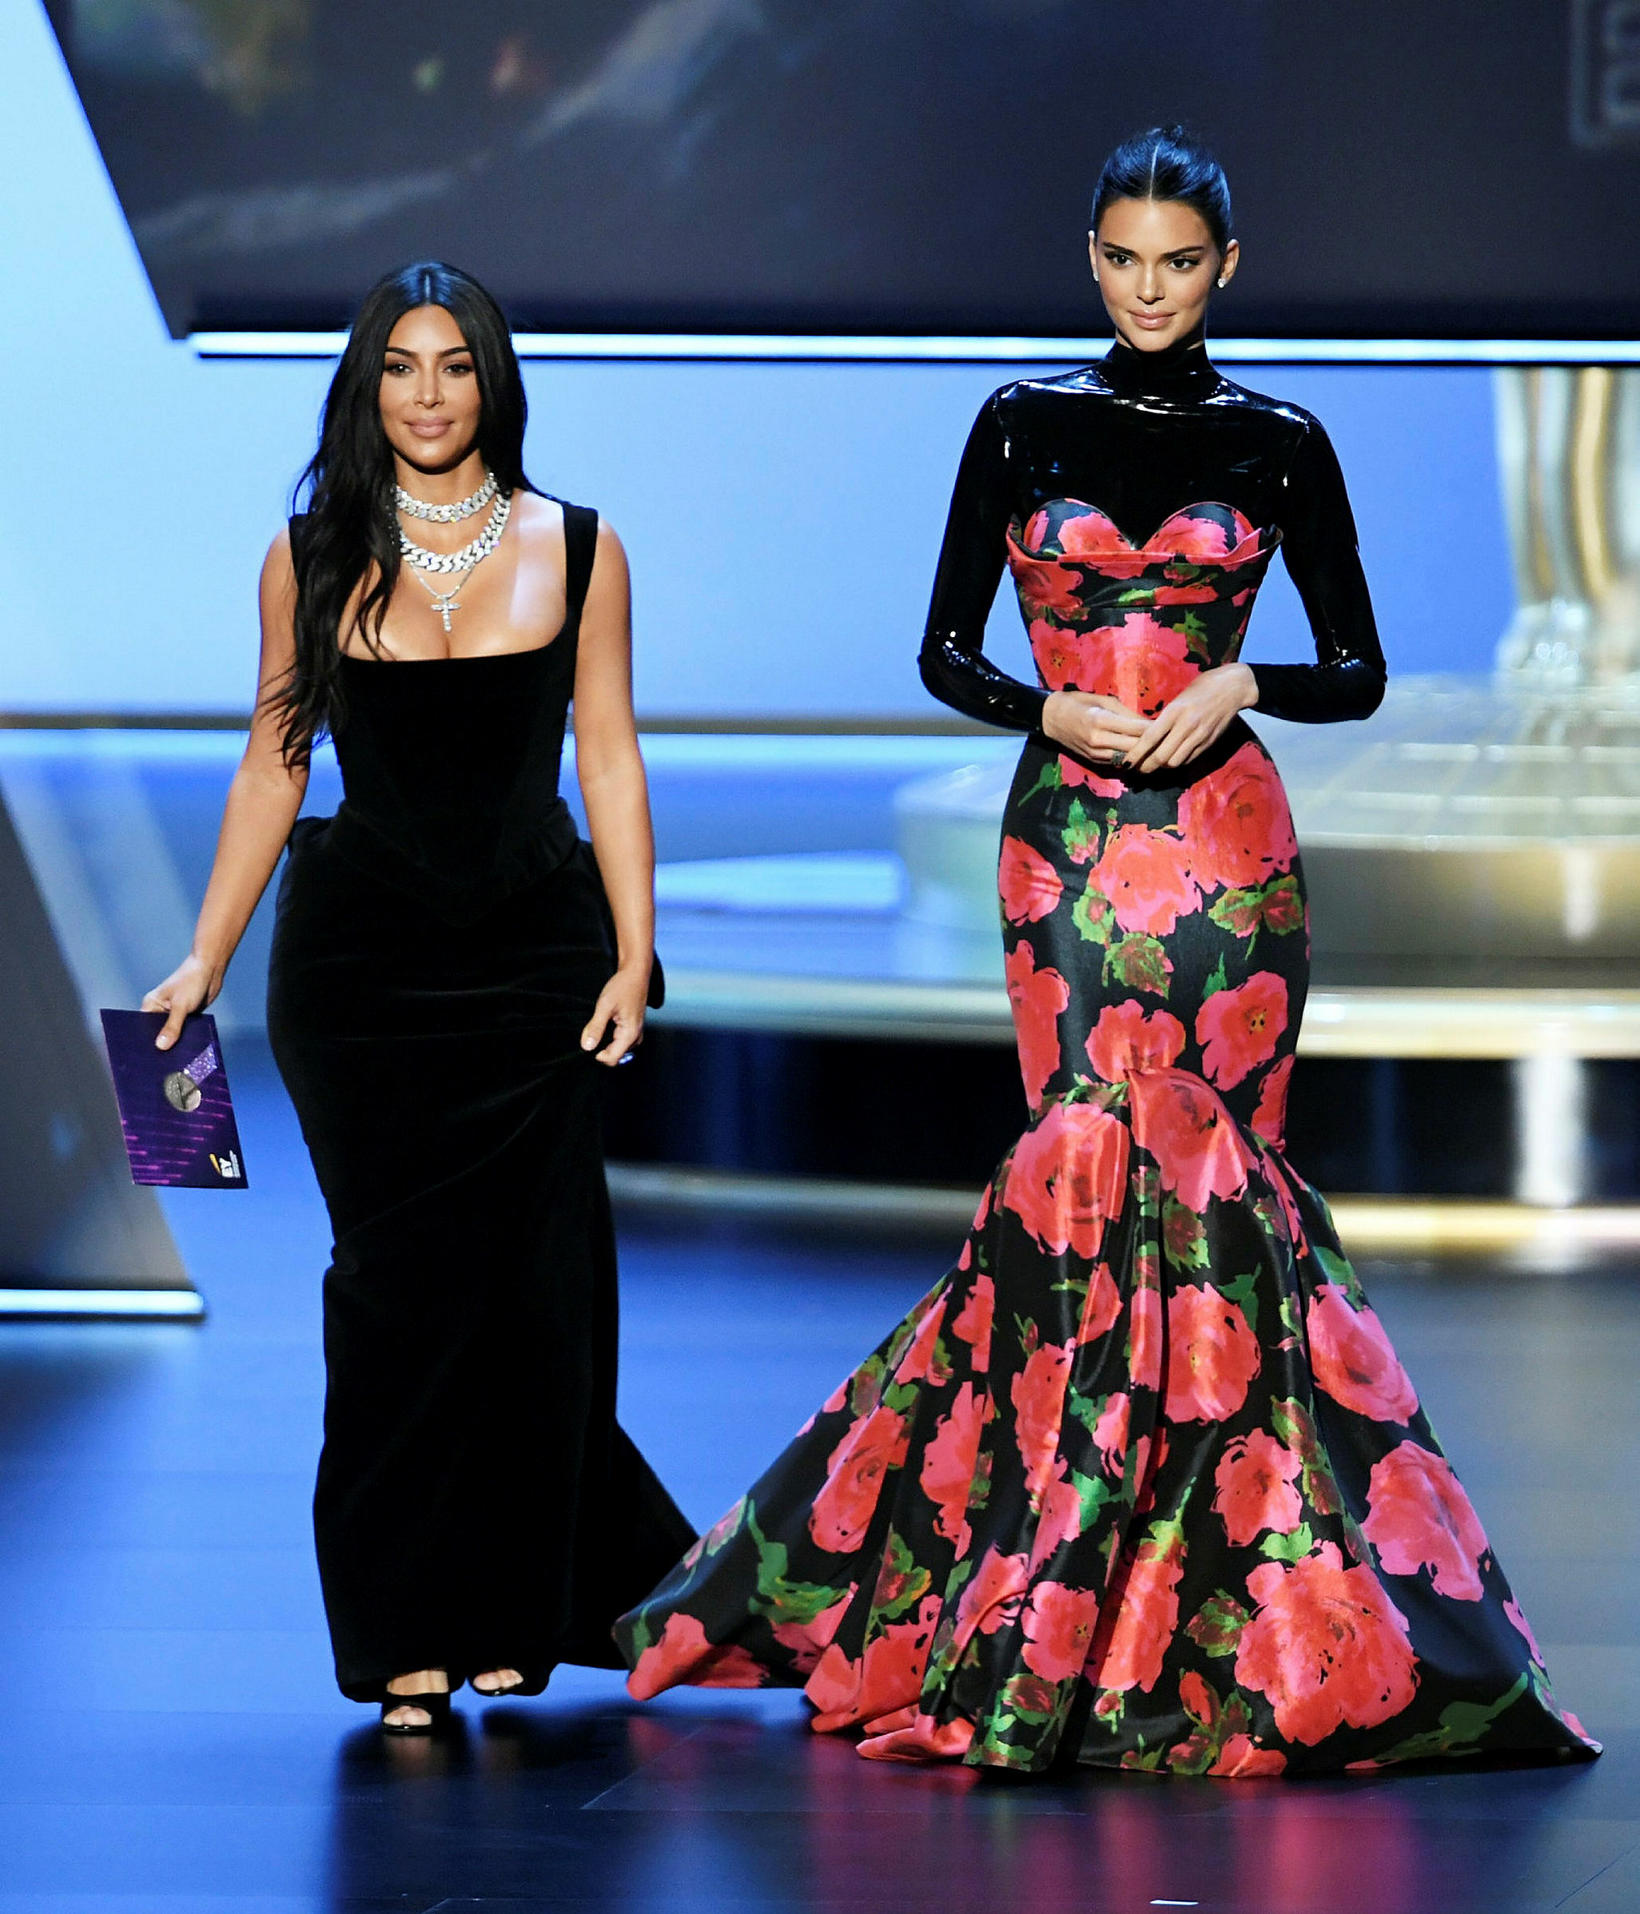 Þær systur Kim Kardashian West og Kendall Jenner.